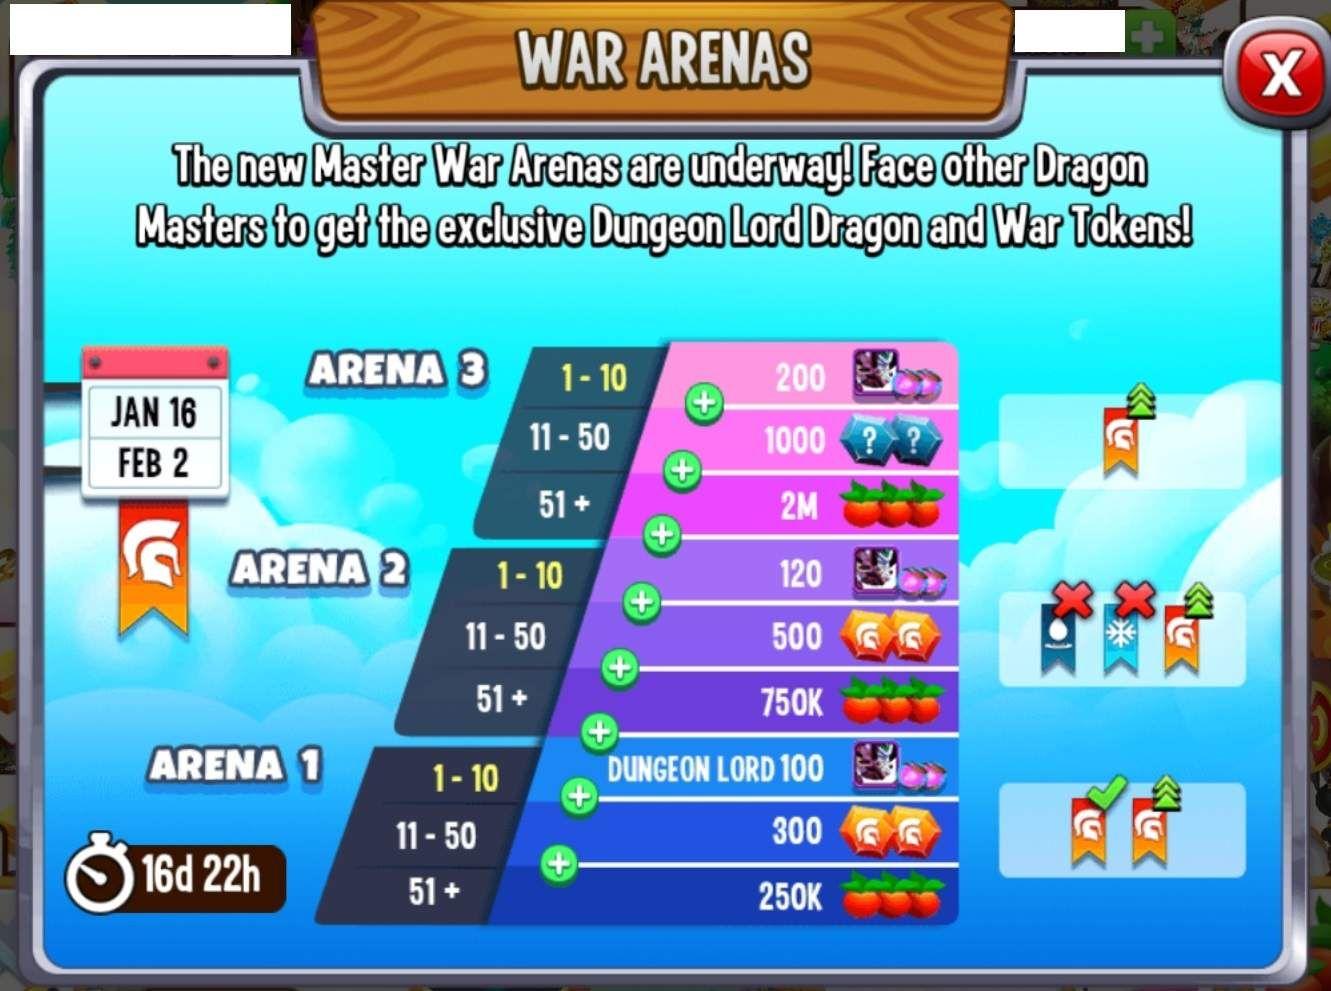 0_1579189842484_011620 to 020220 Master War.jpg